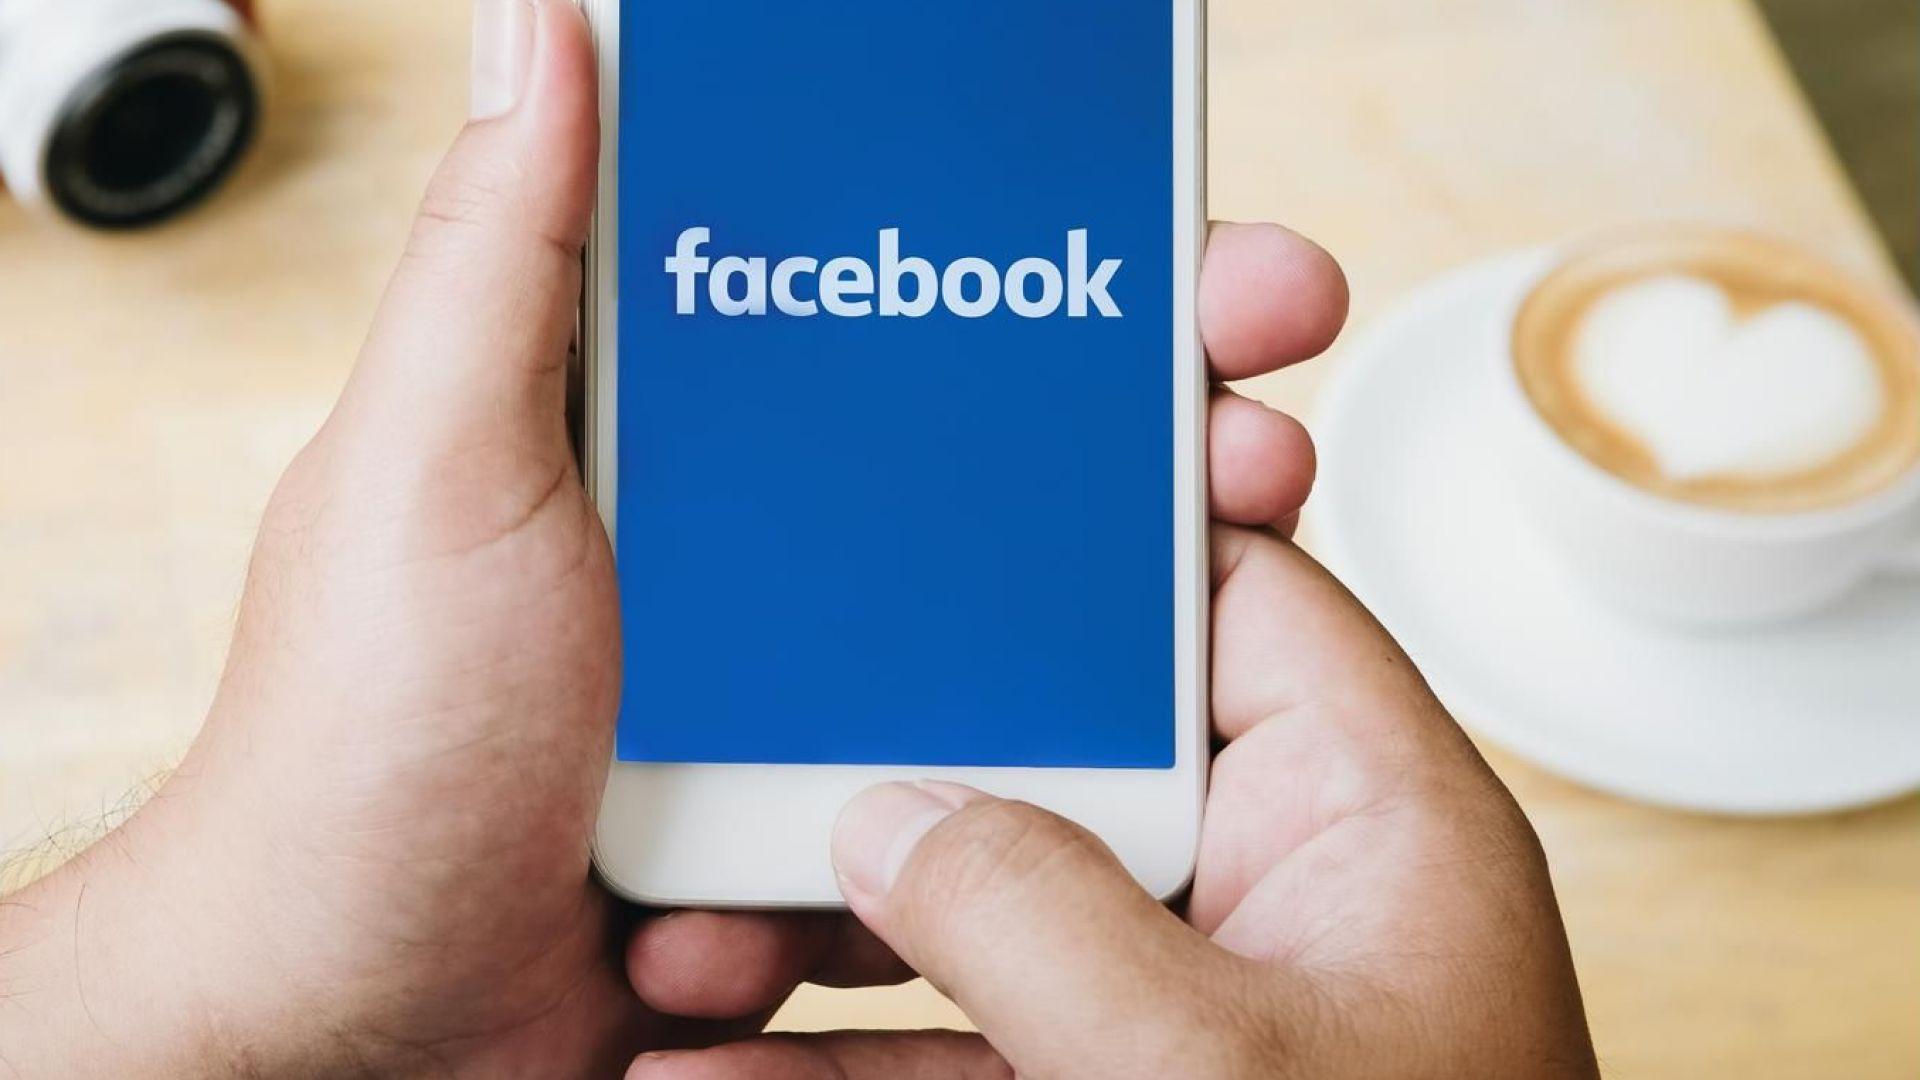 Лондон глоби Фейсбук с 500 000 паунда заради скандала с личните данни